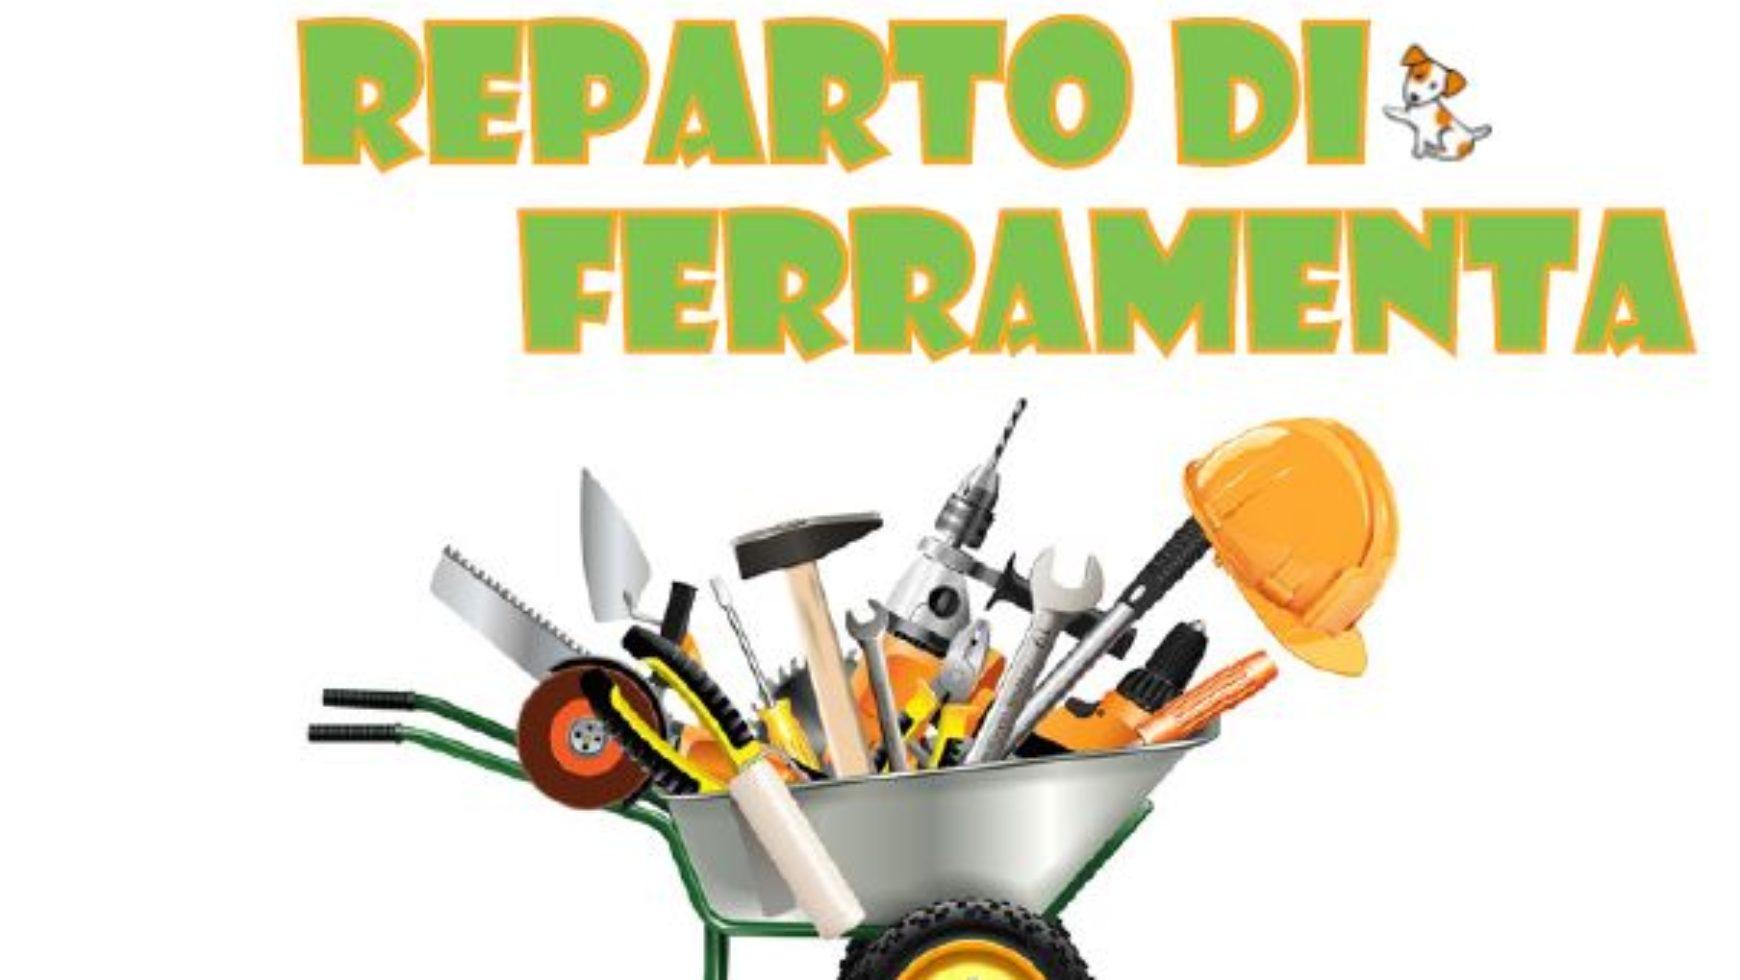 NUOVO REPARTO FERRAMENTA